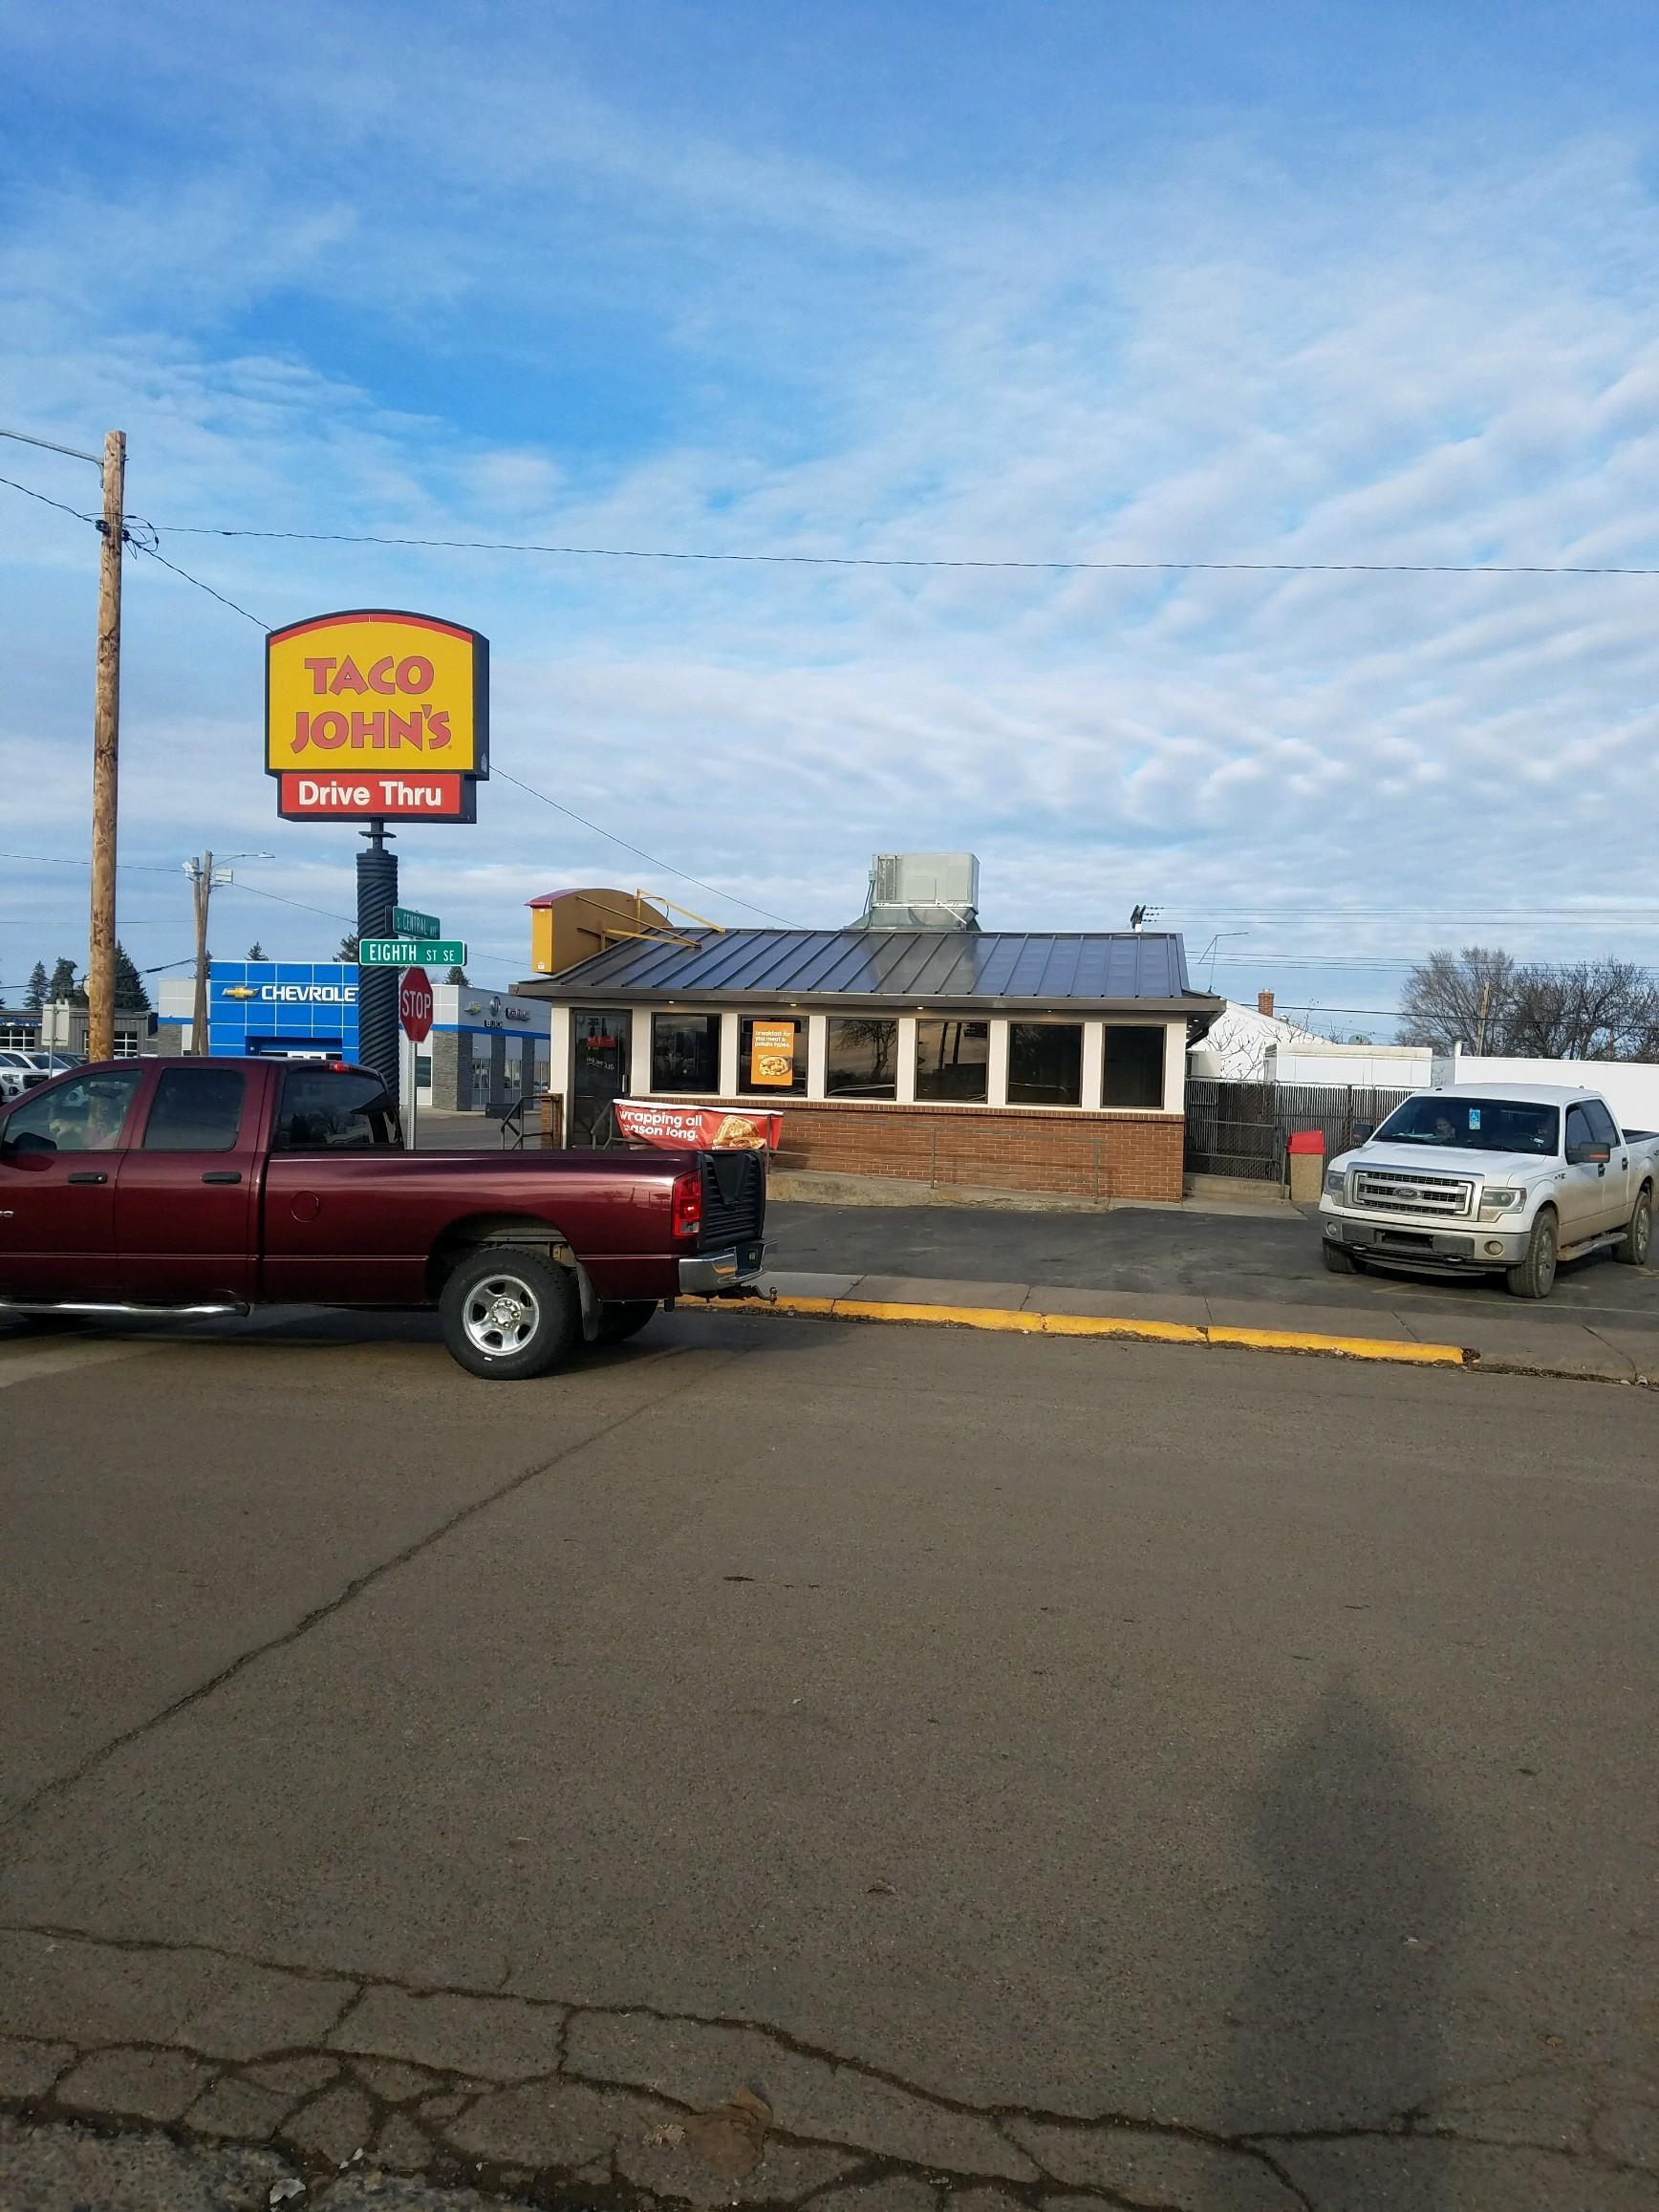 Taco John's | Missouri River Country